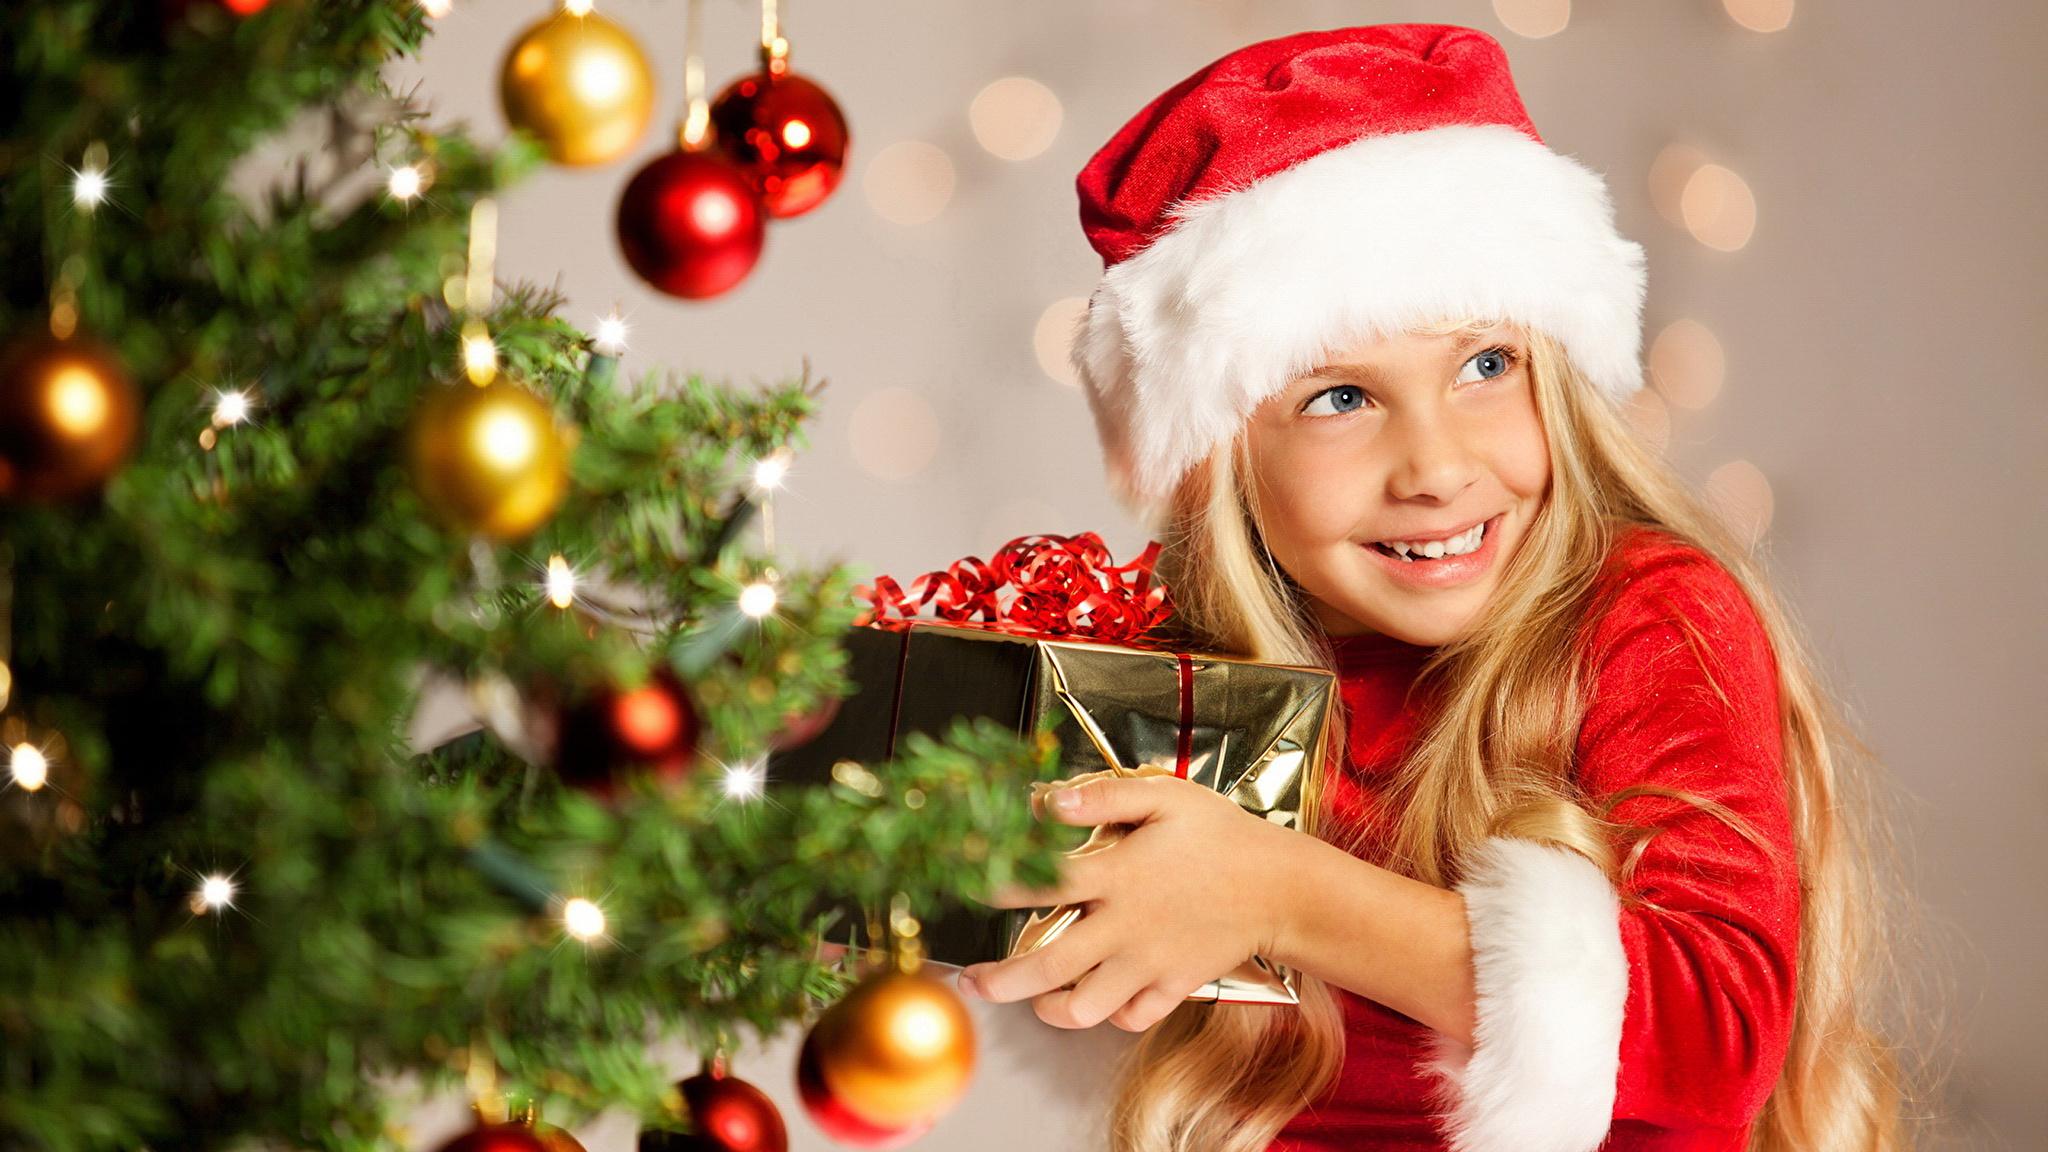 Bilder Kleine Mädchen Neujahr Lächeln Kinder Mütze Geschenke Ast Kugeln Starren 2048x1152 Blick